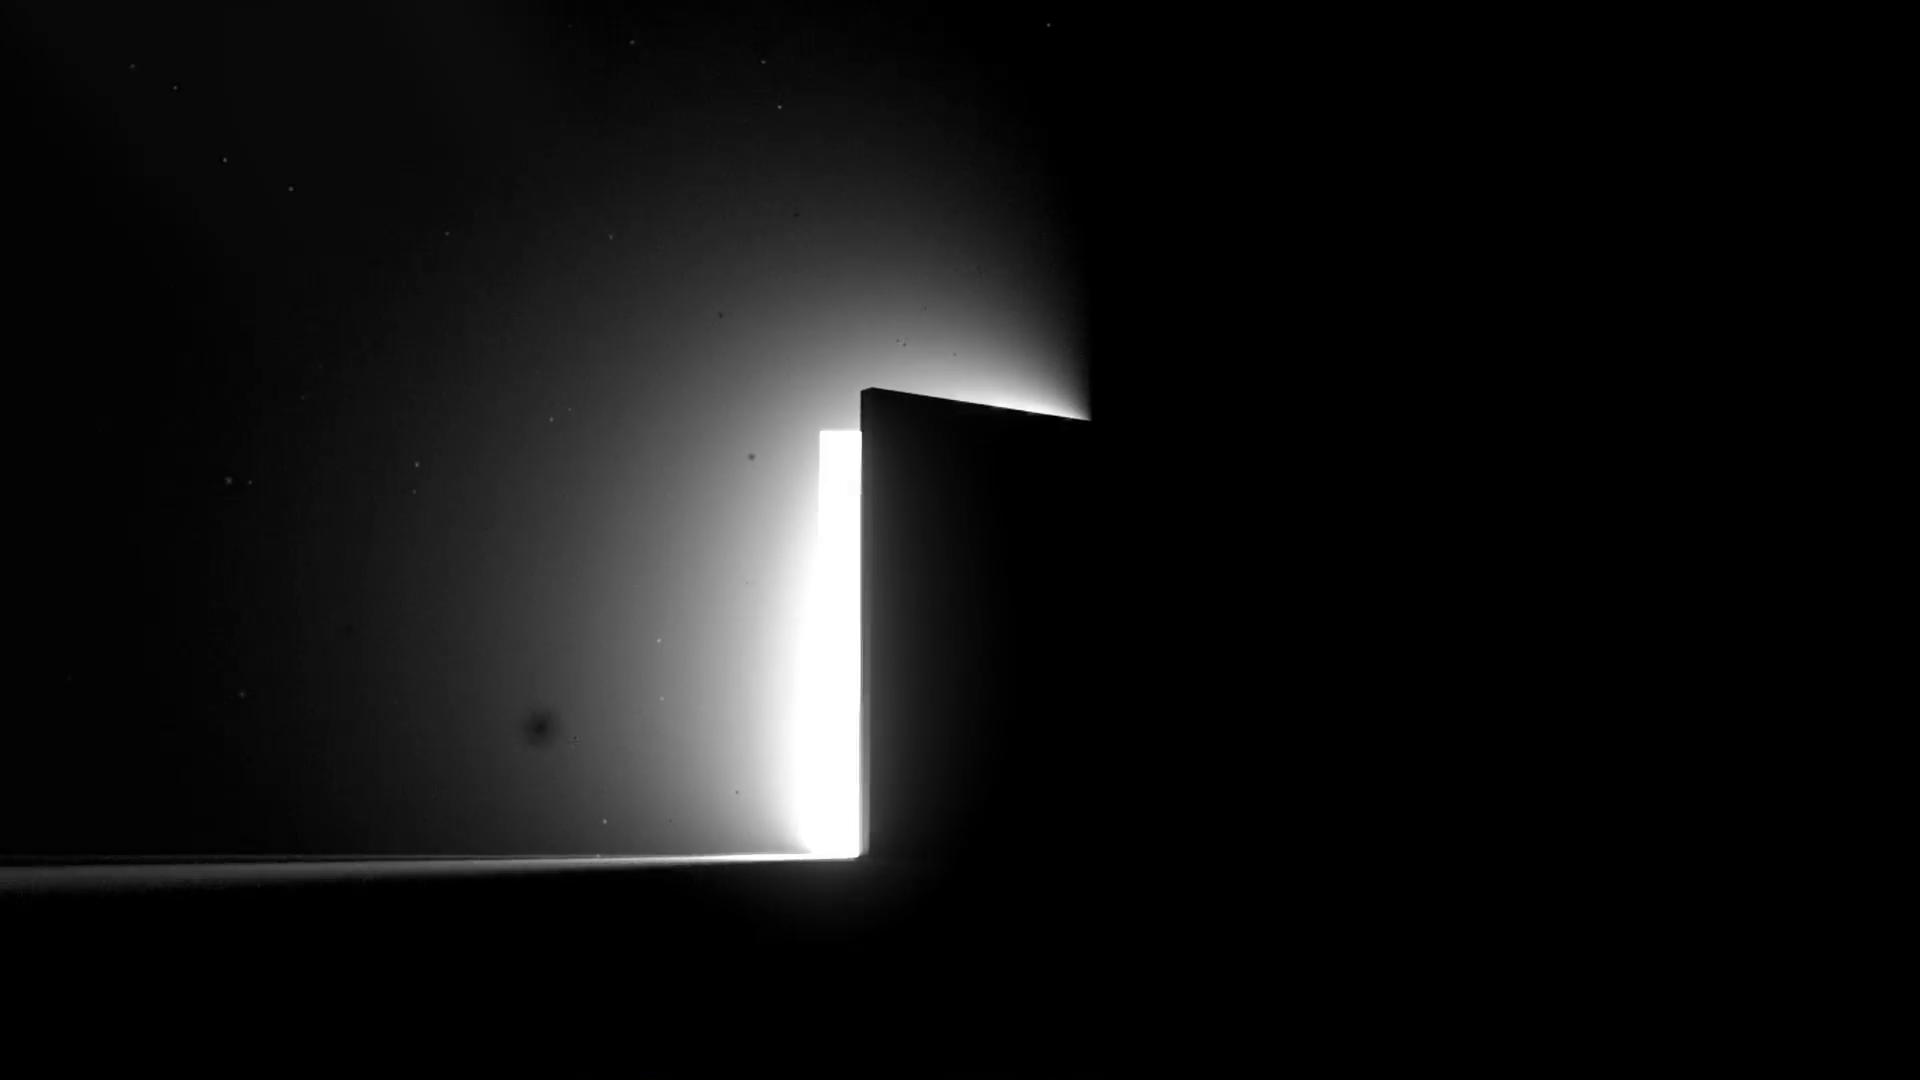 open door dark. door light open dark e & Open Door Dark. Door Light Open Dark E - Prashanti.co